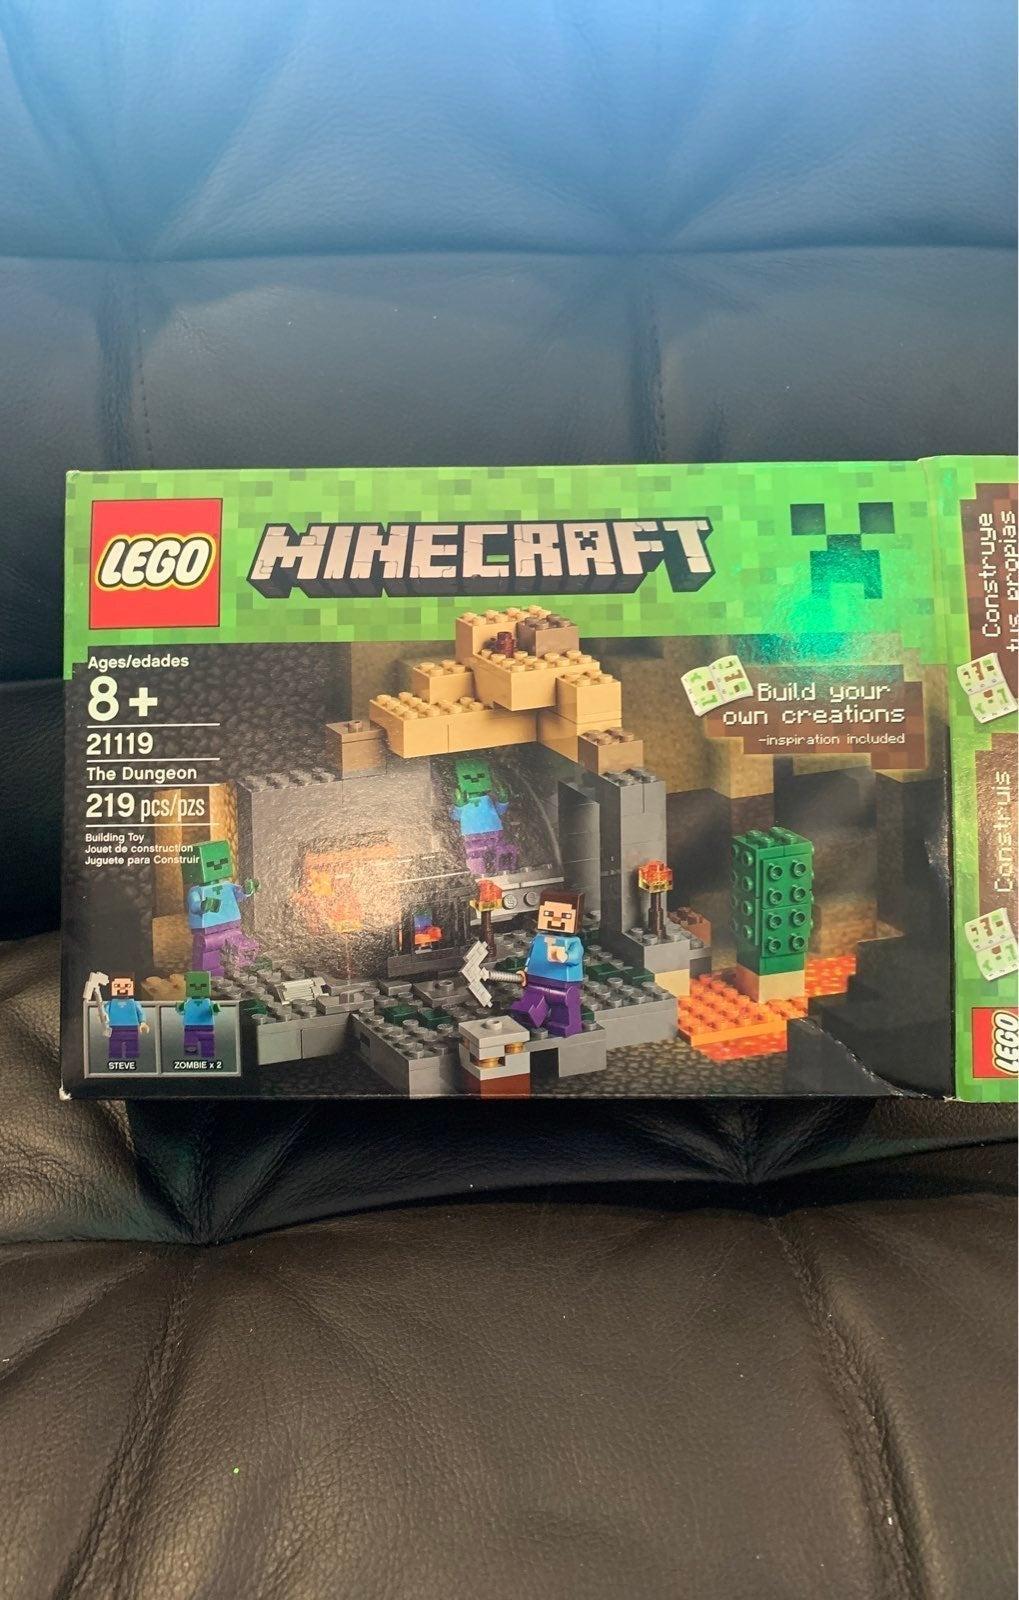 LEGO Minecraft The Dungeon 21119